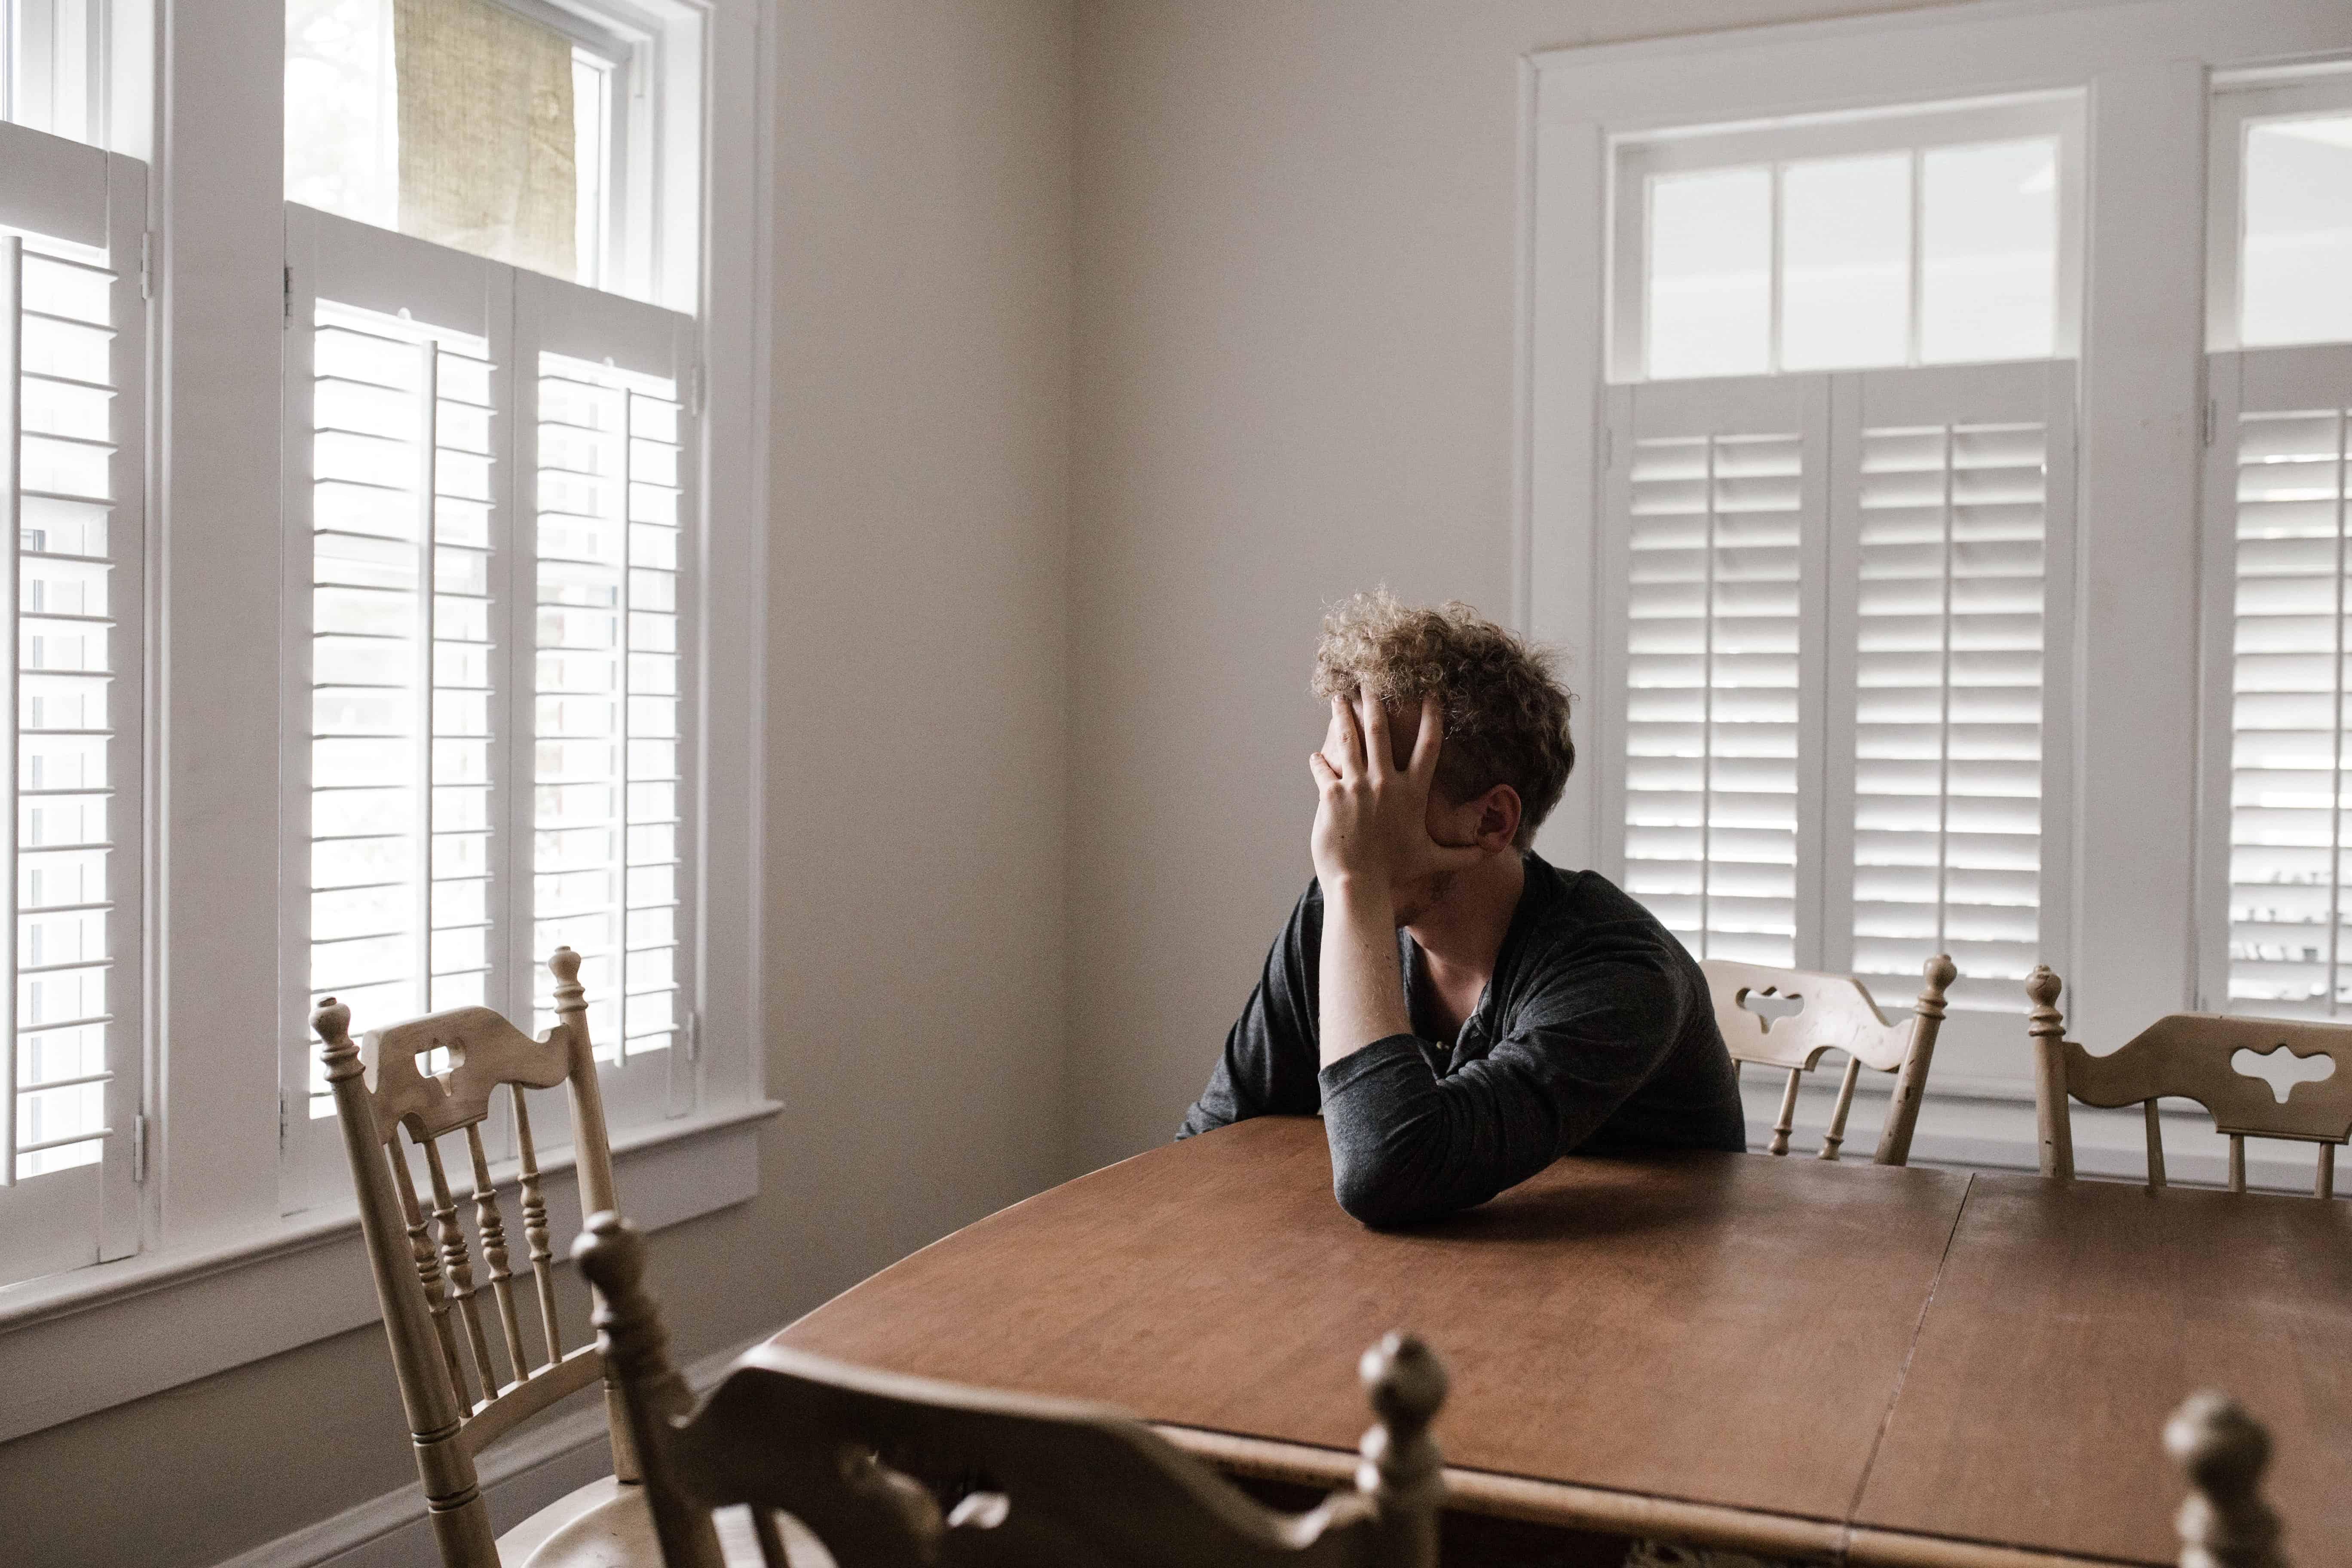 Ein trauriger Mann, der sich auf den Holztisch stützte, während er auf dem Stuhl saß